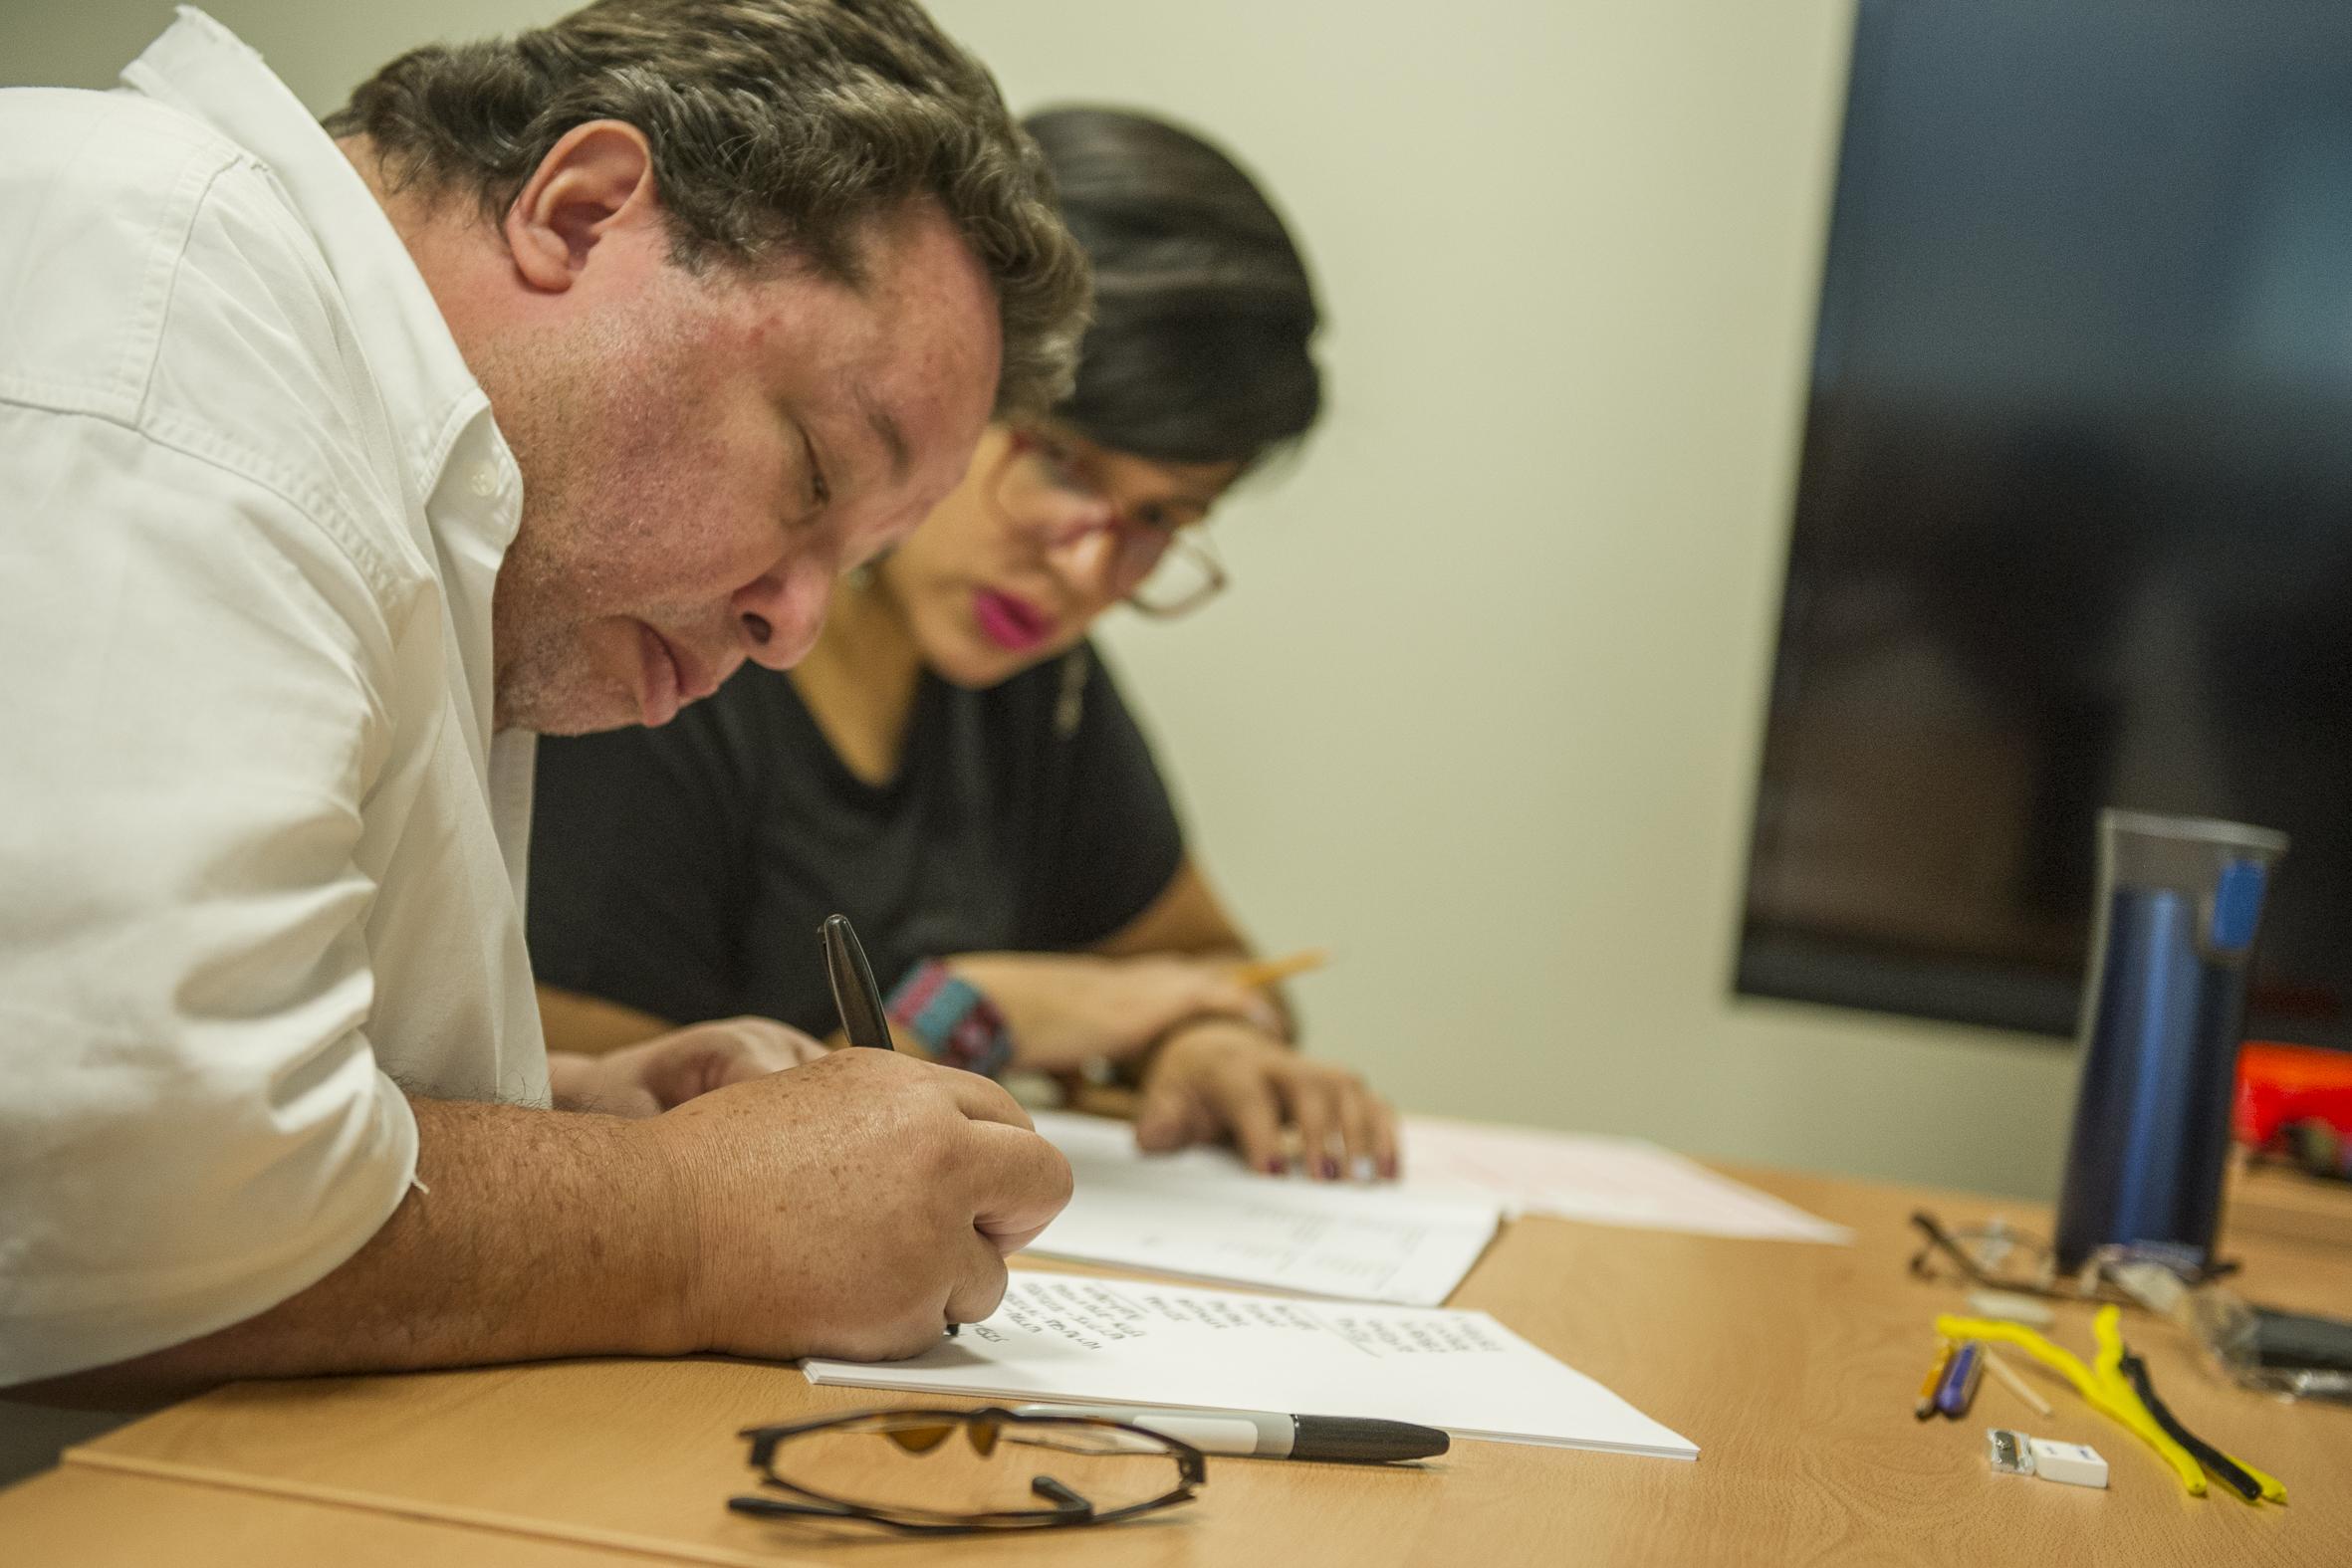 Aspirante en situación de discapacidad, aplicando examen para ingresar al nivel superior, en la Universidad de Guadalajara.